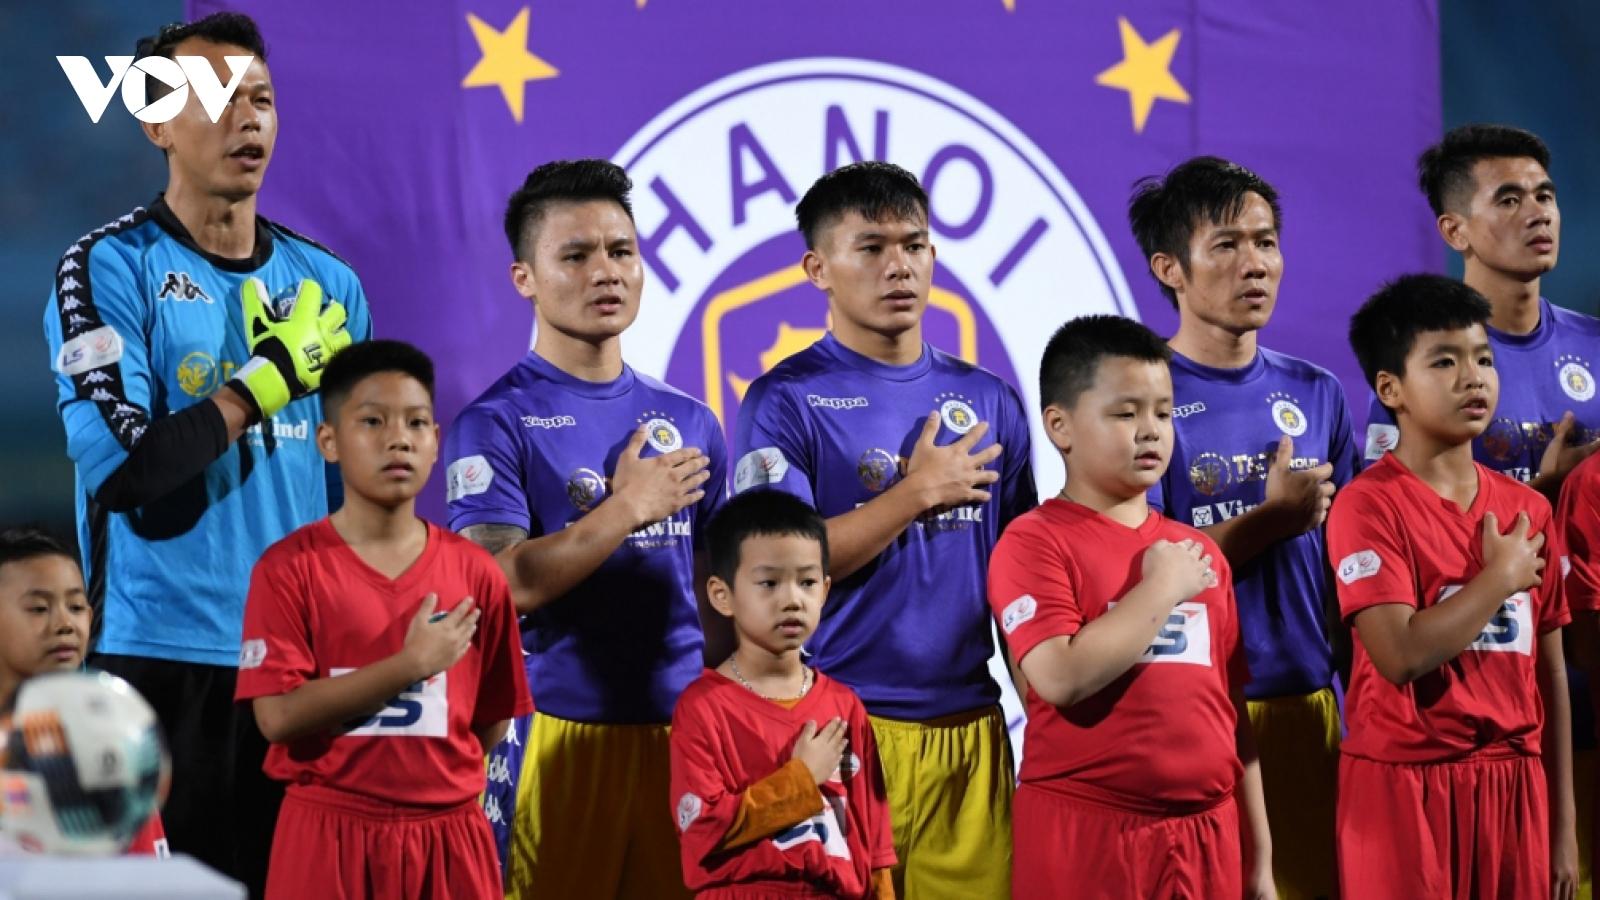 Lịch thi đấu bóng đá hôm nay 7/4: Hà Nội FC đấu Viettel, sôi động Cúp C1 châu Âu